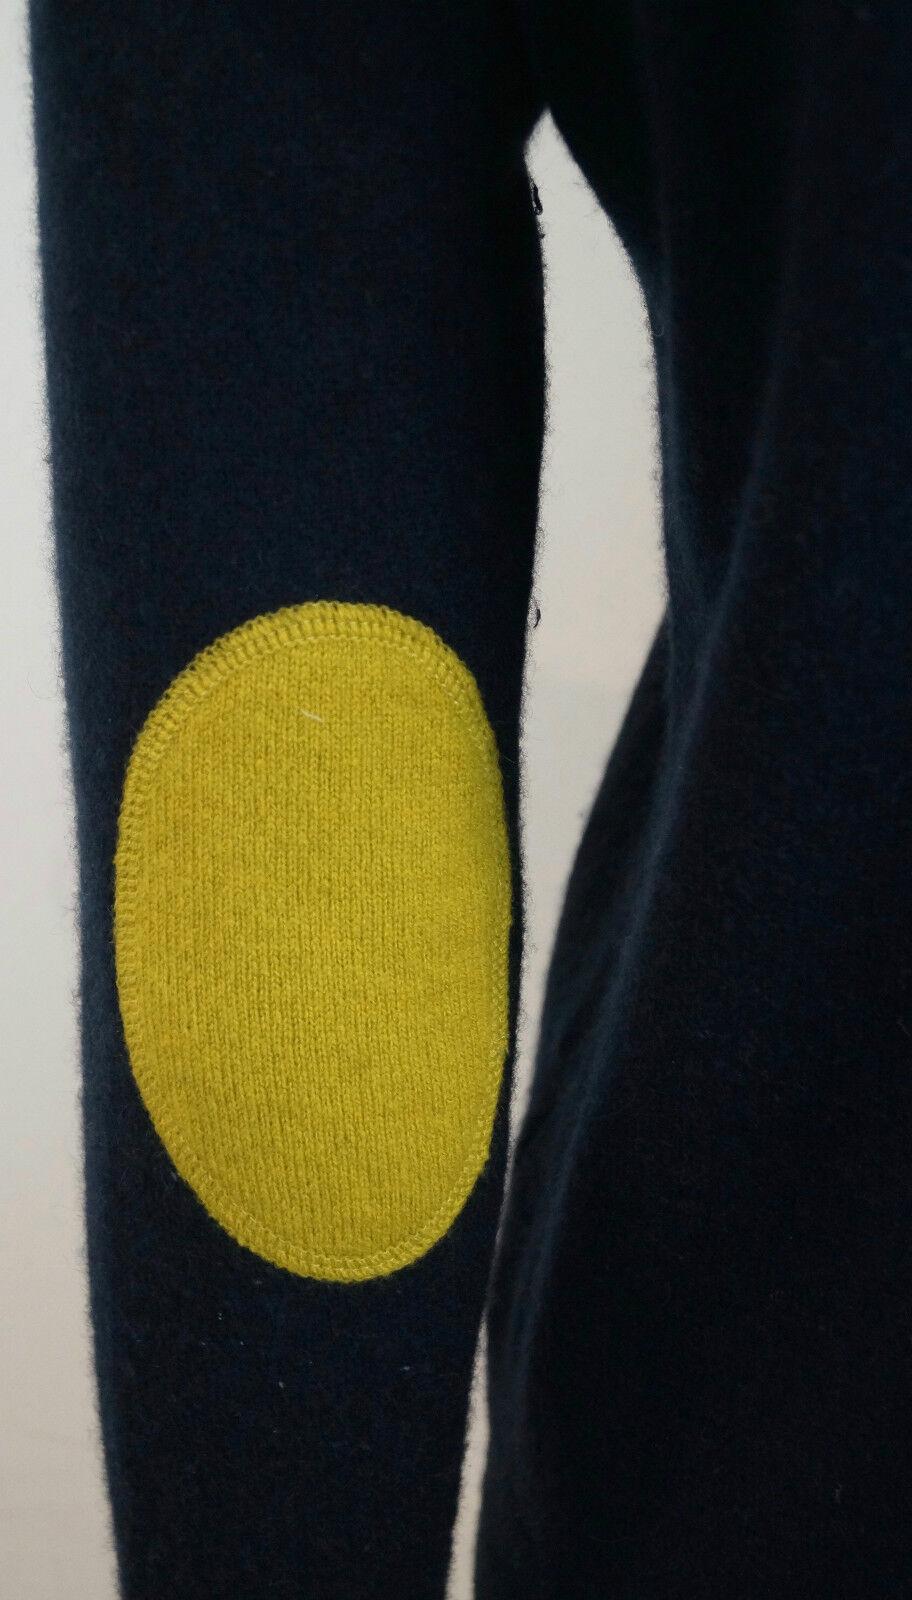 Acne grigio Studios Sweaters  399853 grigio Acne 213f70